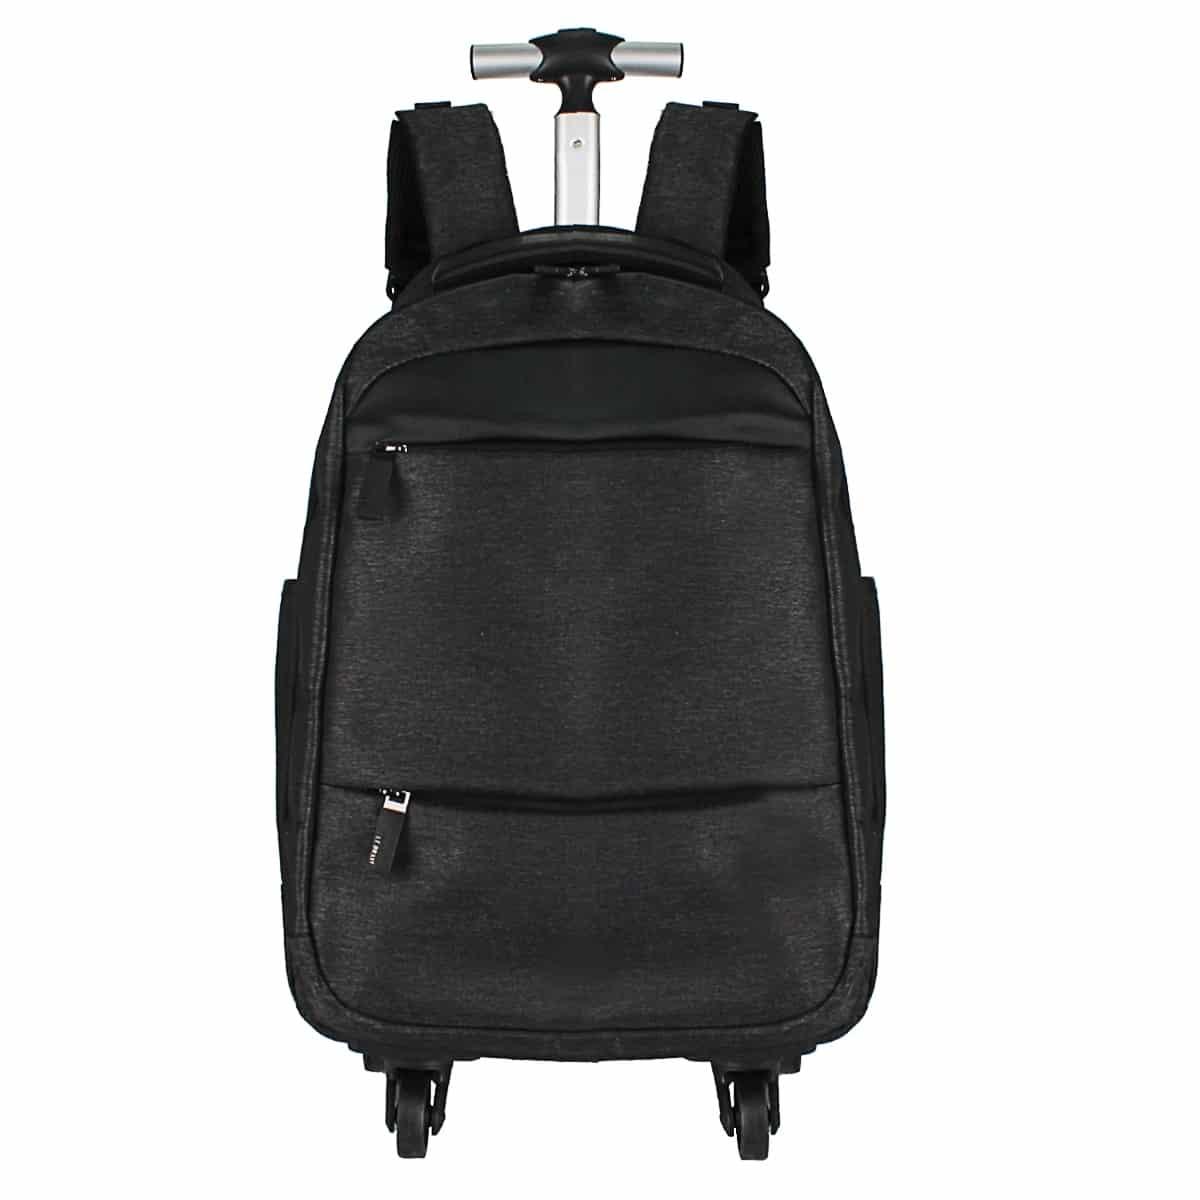 Mochila notebook com rodas giro 360º apenas R$ 349,99 | Leve a 2ª mochila por R$ 174,99